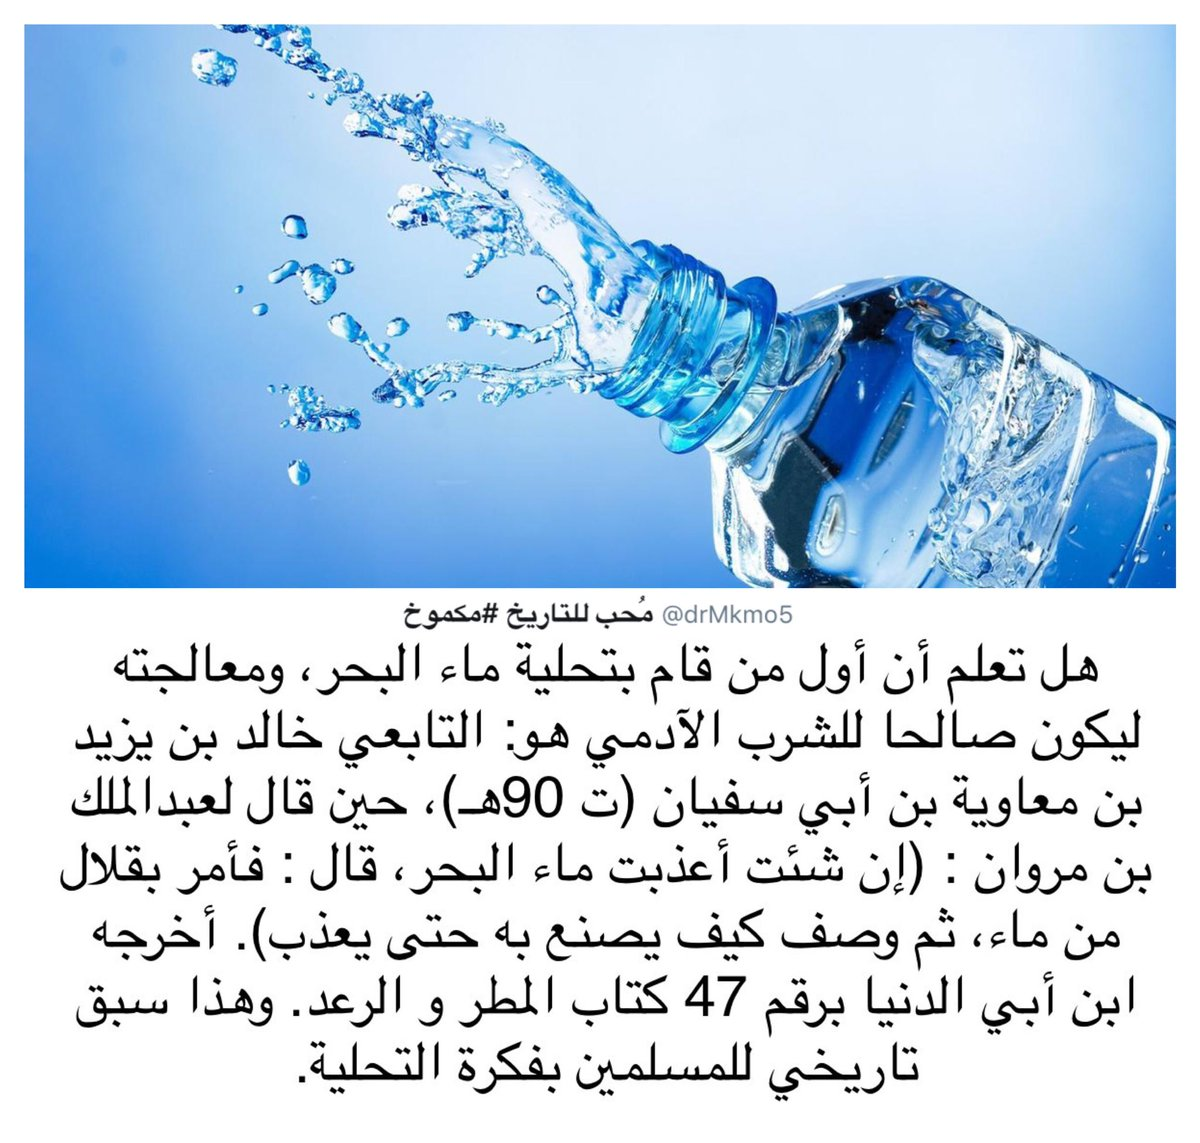 صورة هل تعلم عن الماء , تعرف على اهم معلومات عن الماء